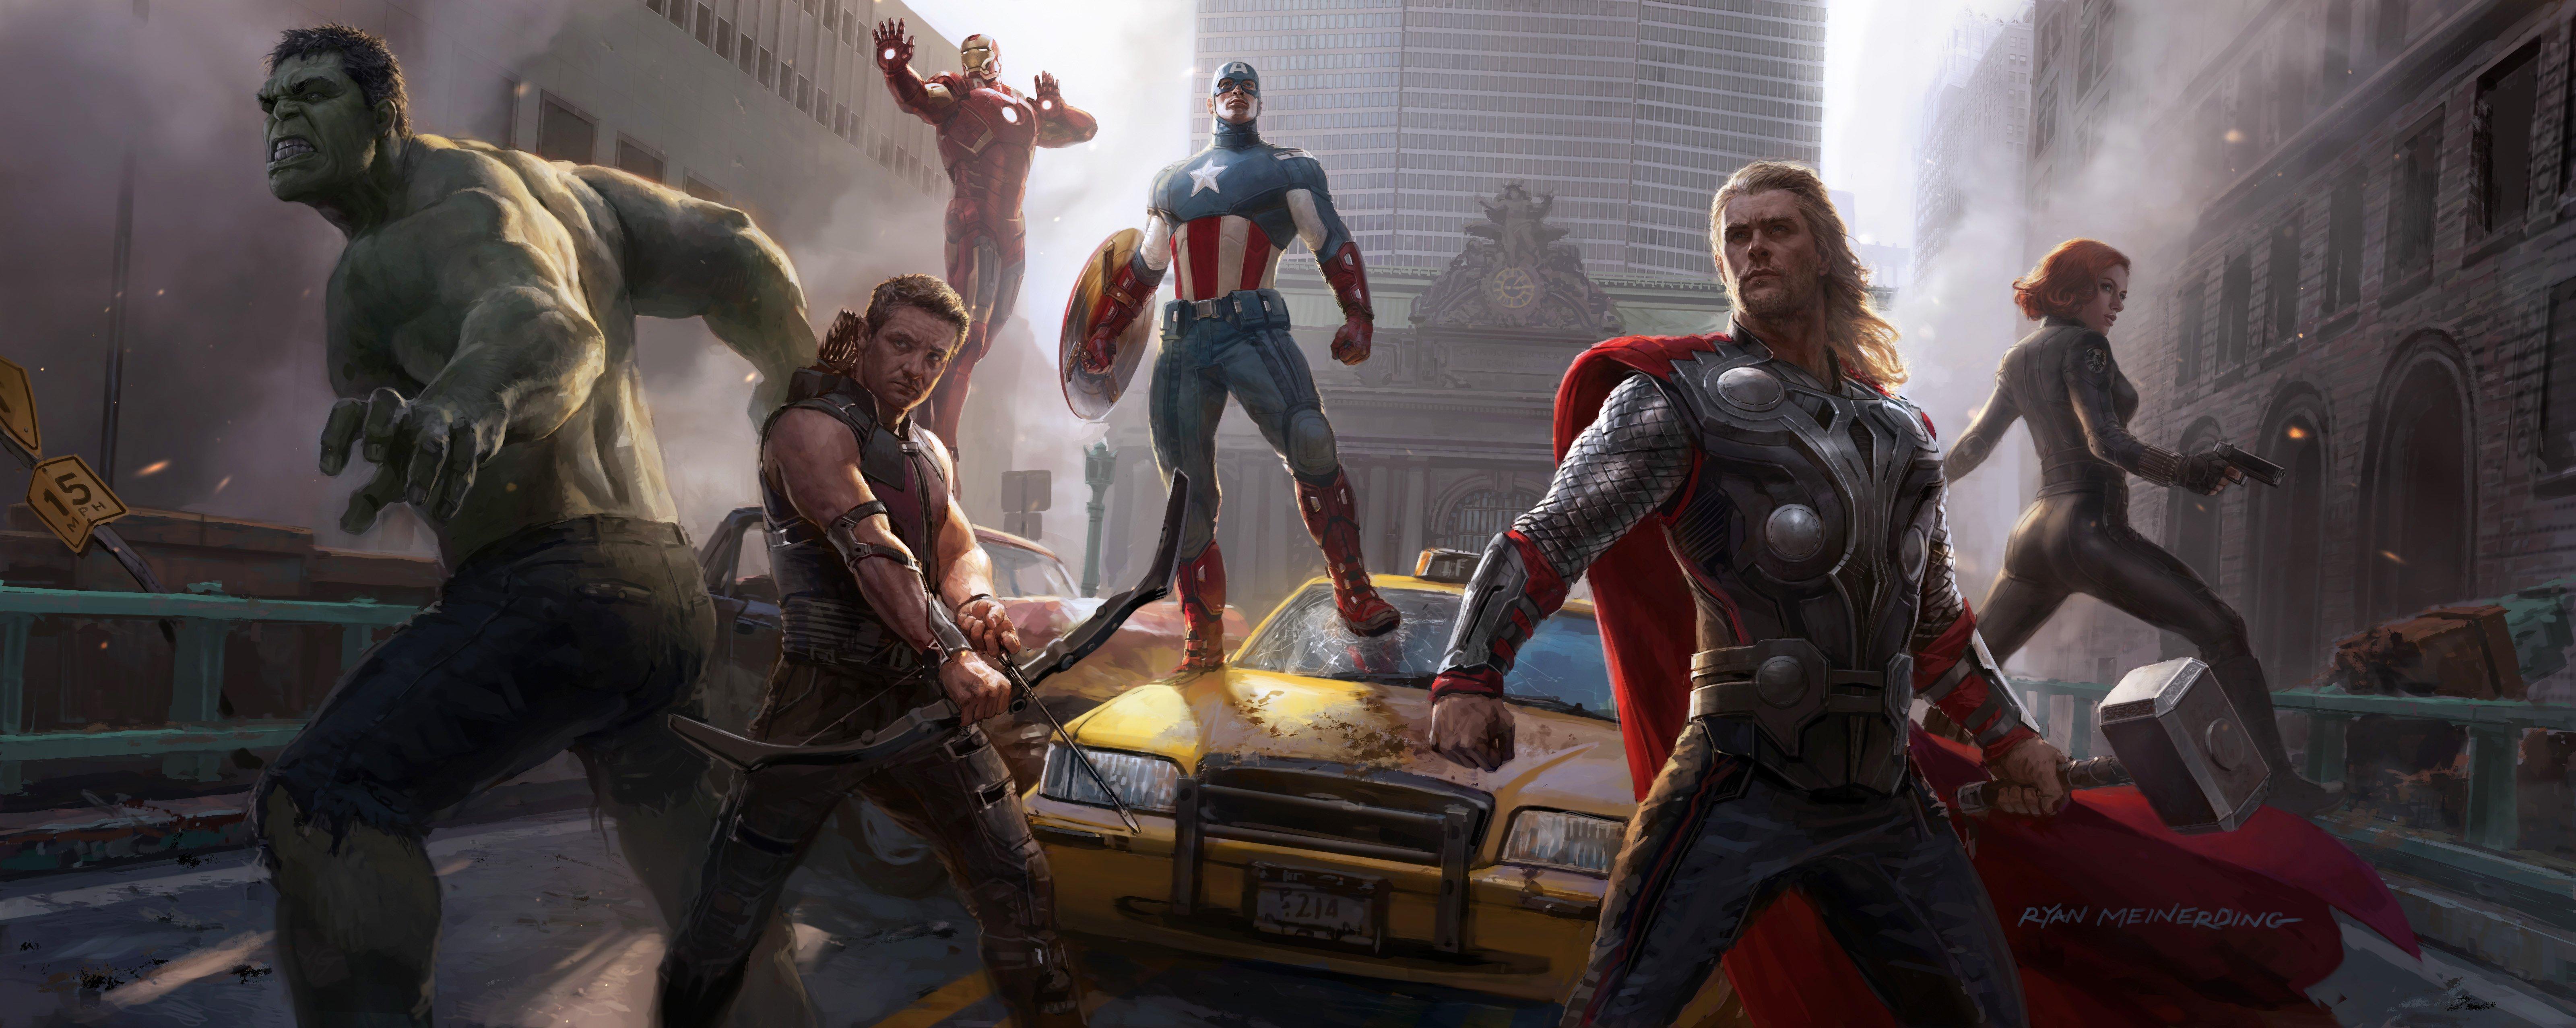 Привет, эволюционирующий! Я, как и многие, люблю фильмы про супергероев. Одни из них получаются удачными, другие не  ... - Изображение 1